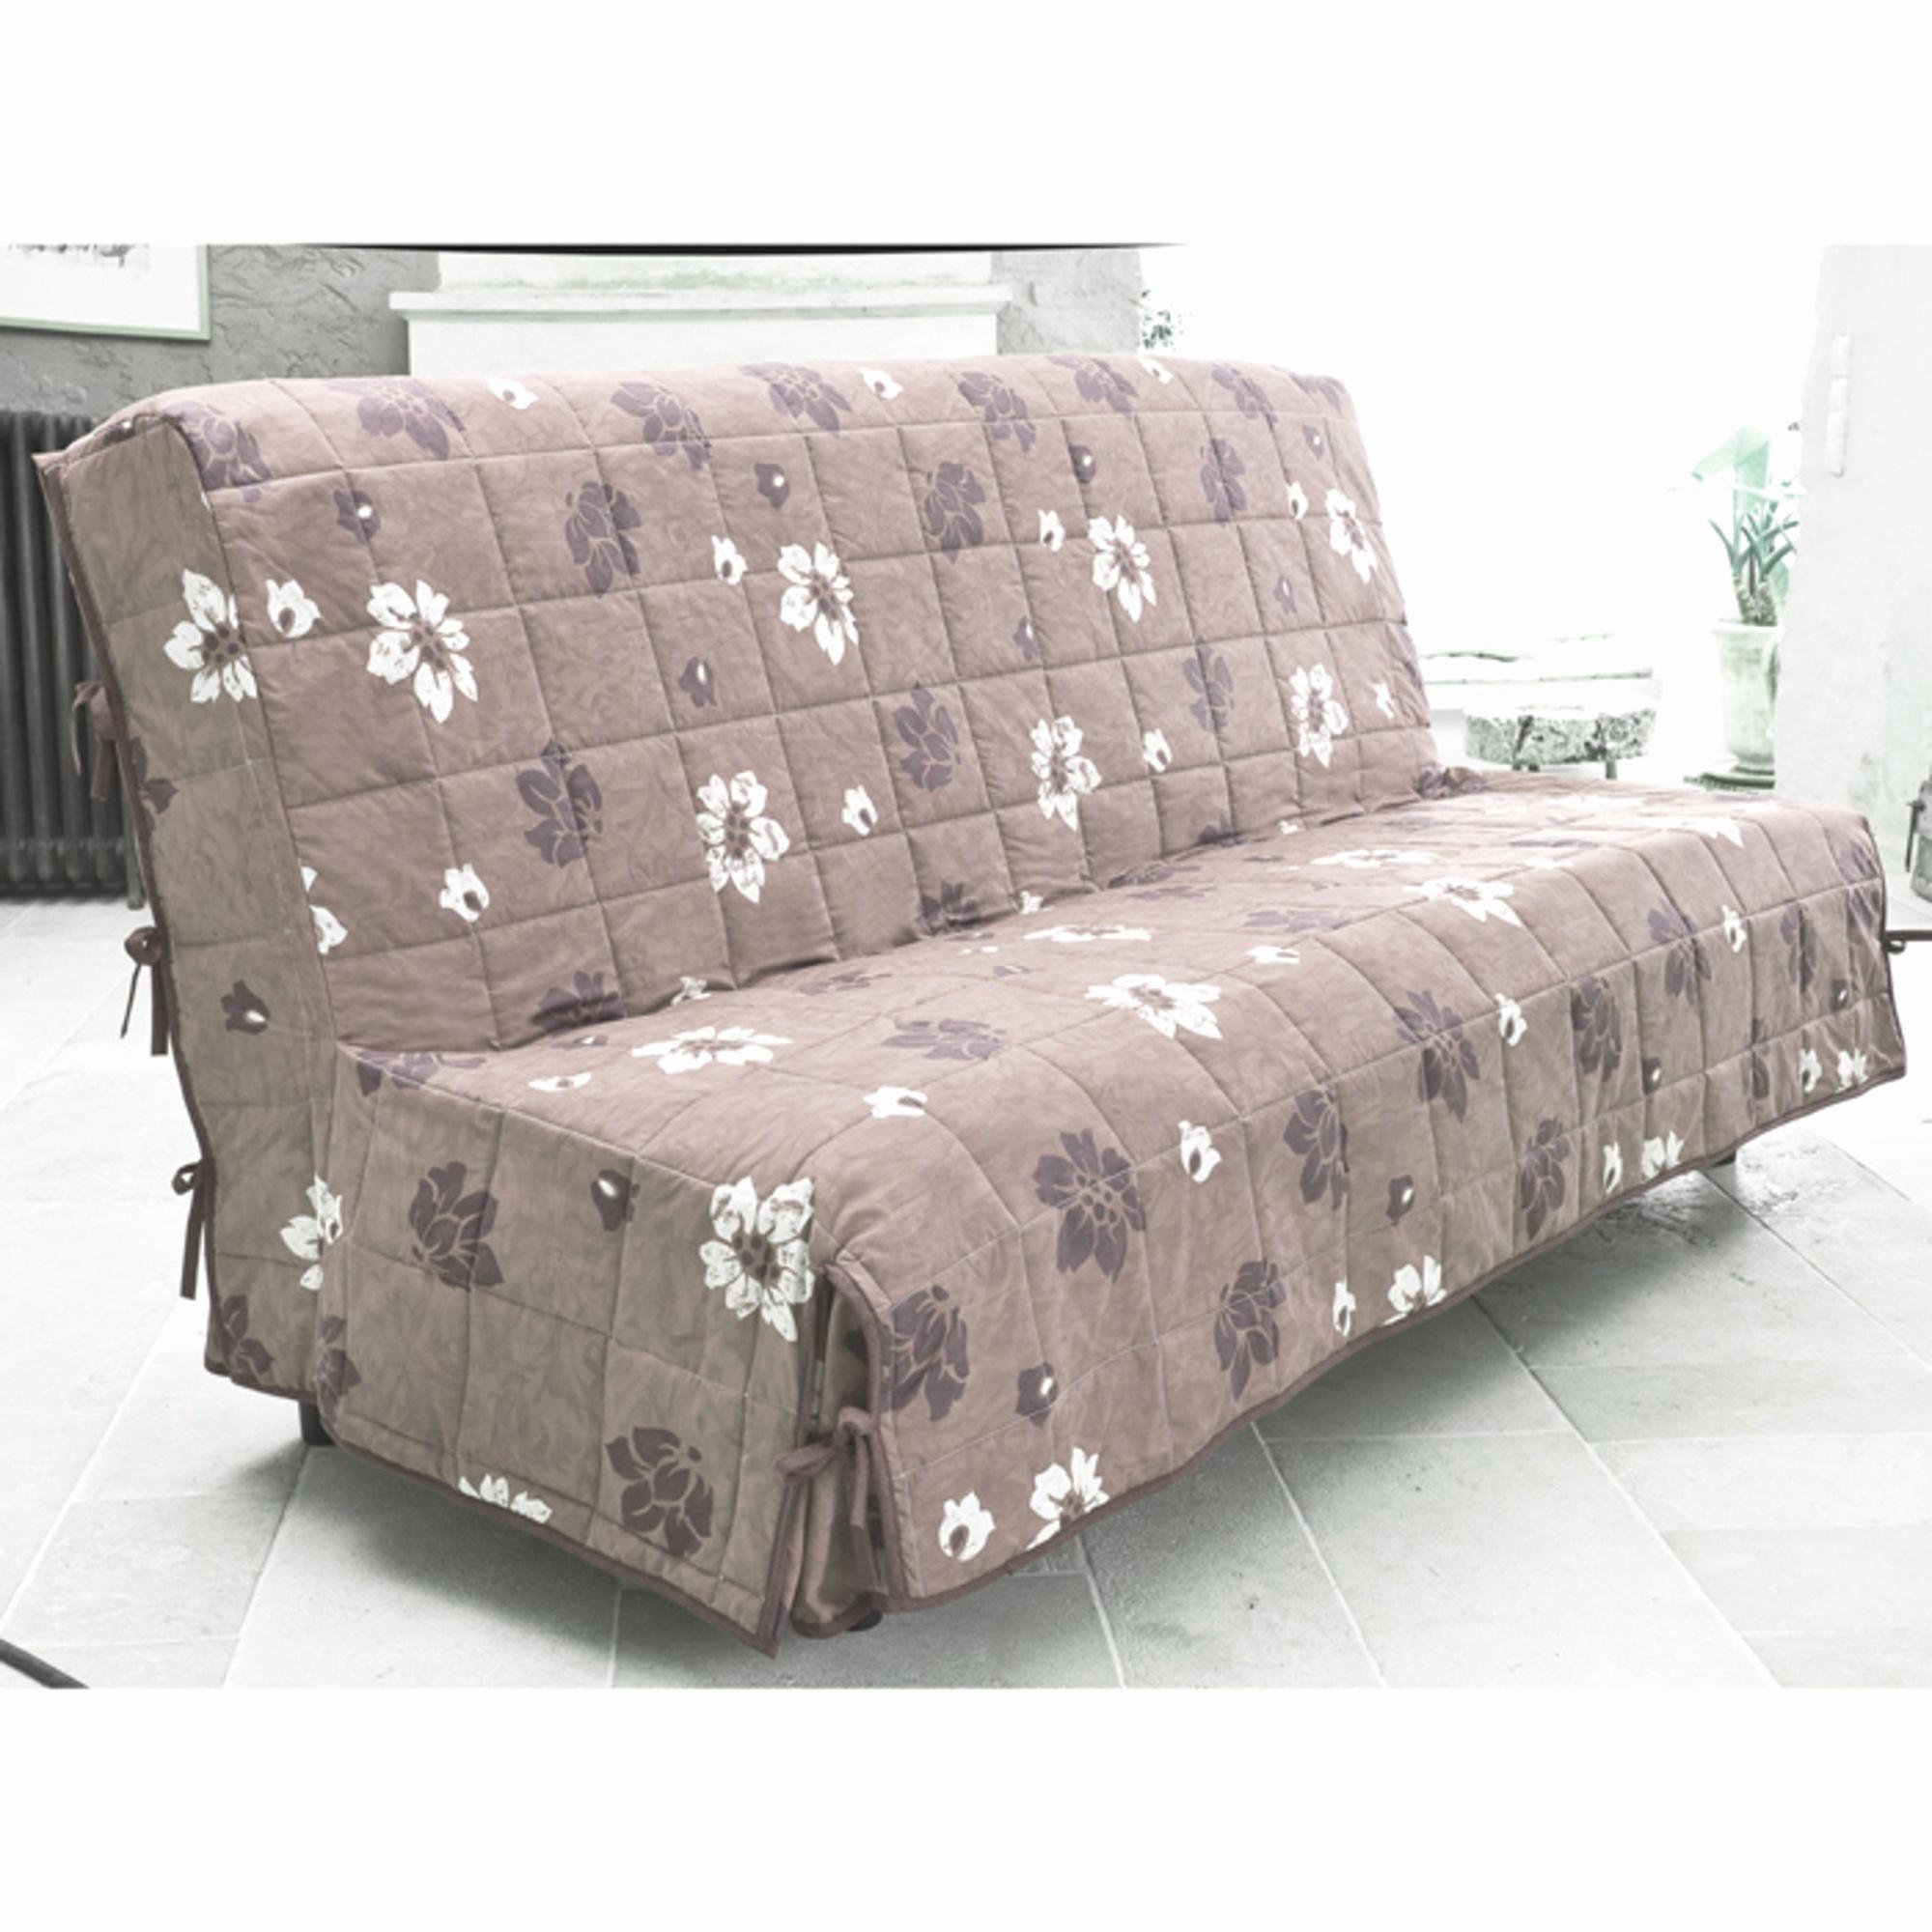 gifi housse de clic clac luxe photos gifi housse de canap exquis housse canap gifi protege. Black Bedroom Furniture Sets. Home Design Ideas